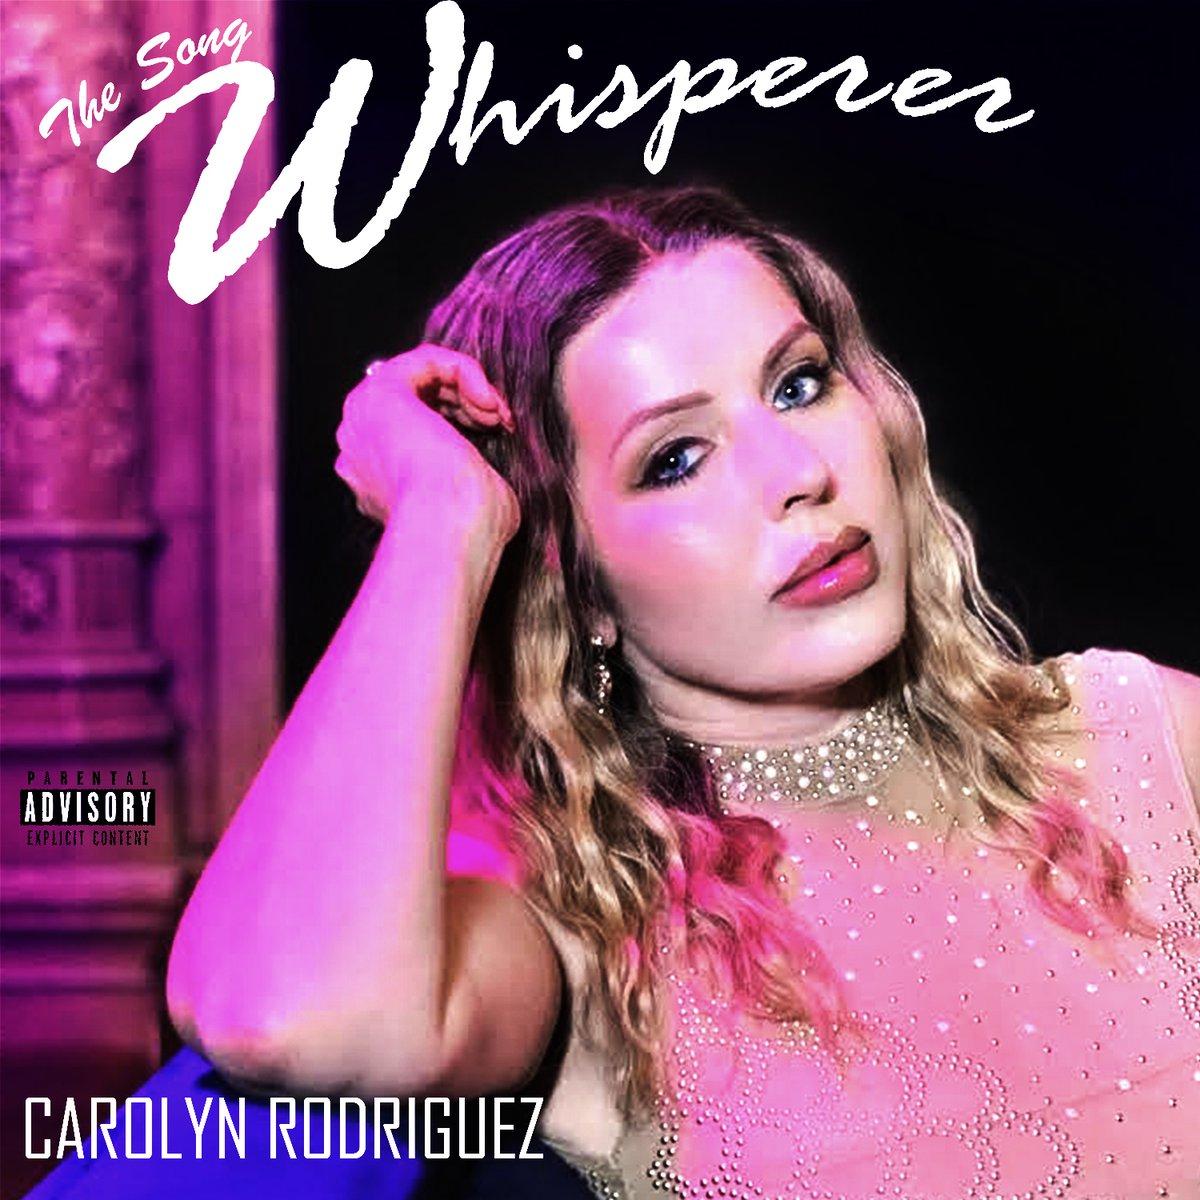 """NEW """"The Song Whisperer"""" album"""